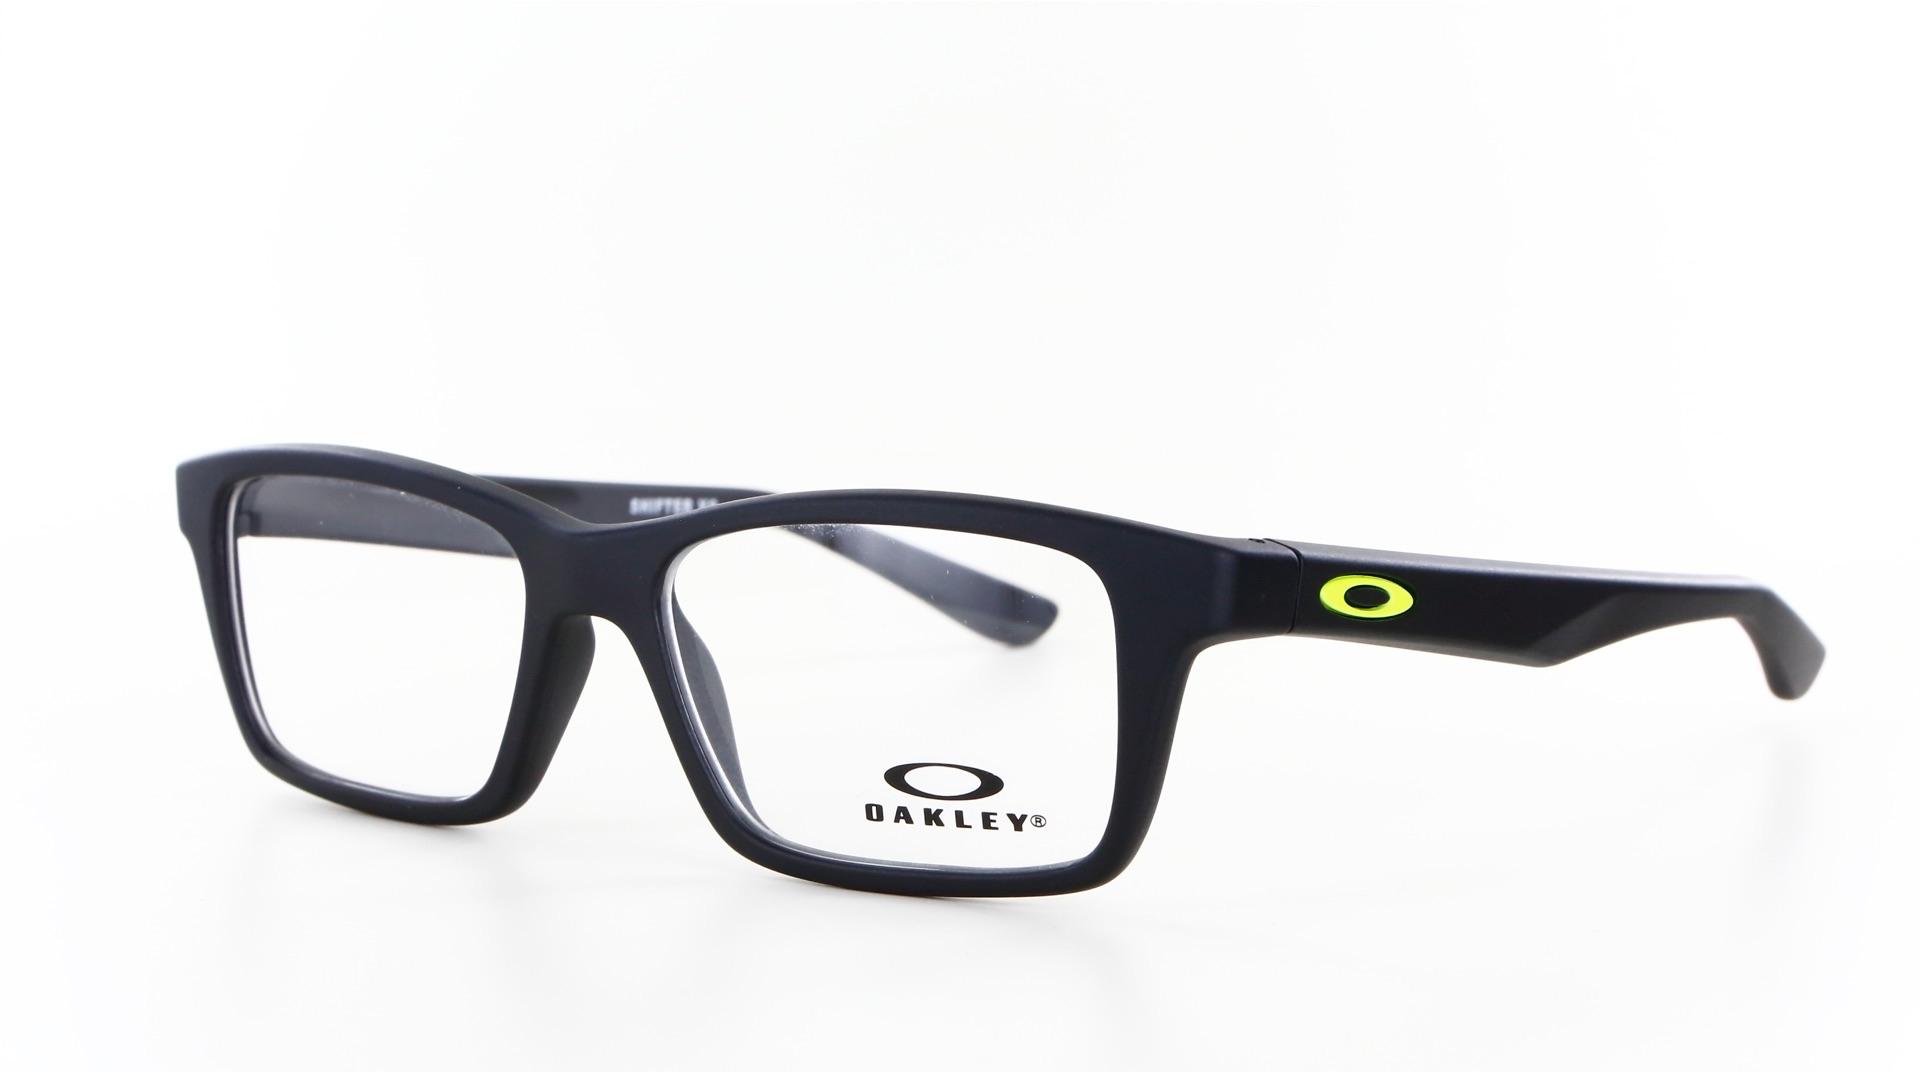 Oakley - ref: 77905